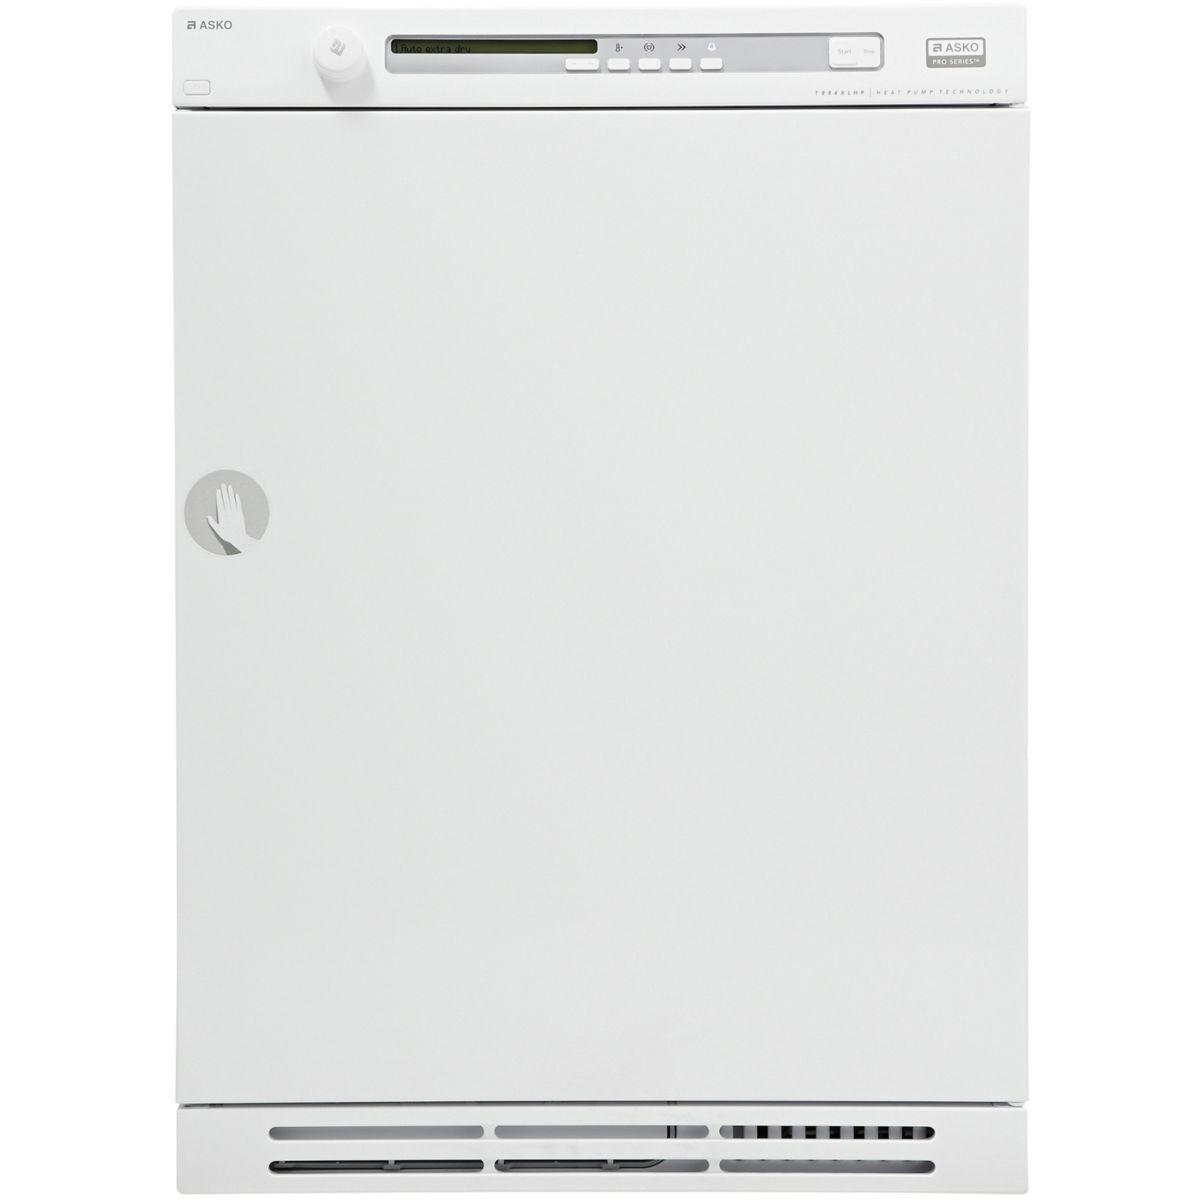 Sèche-linge pompe à chaleur frontal ASKO T884 HPXLW